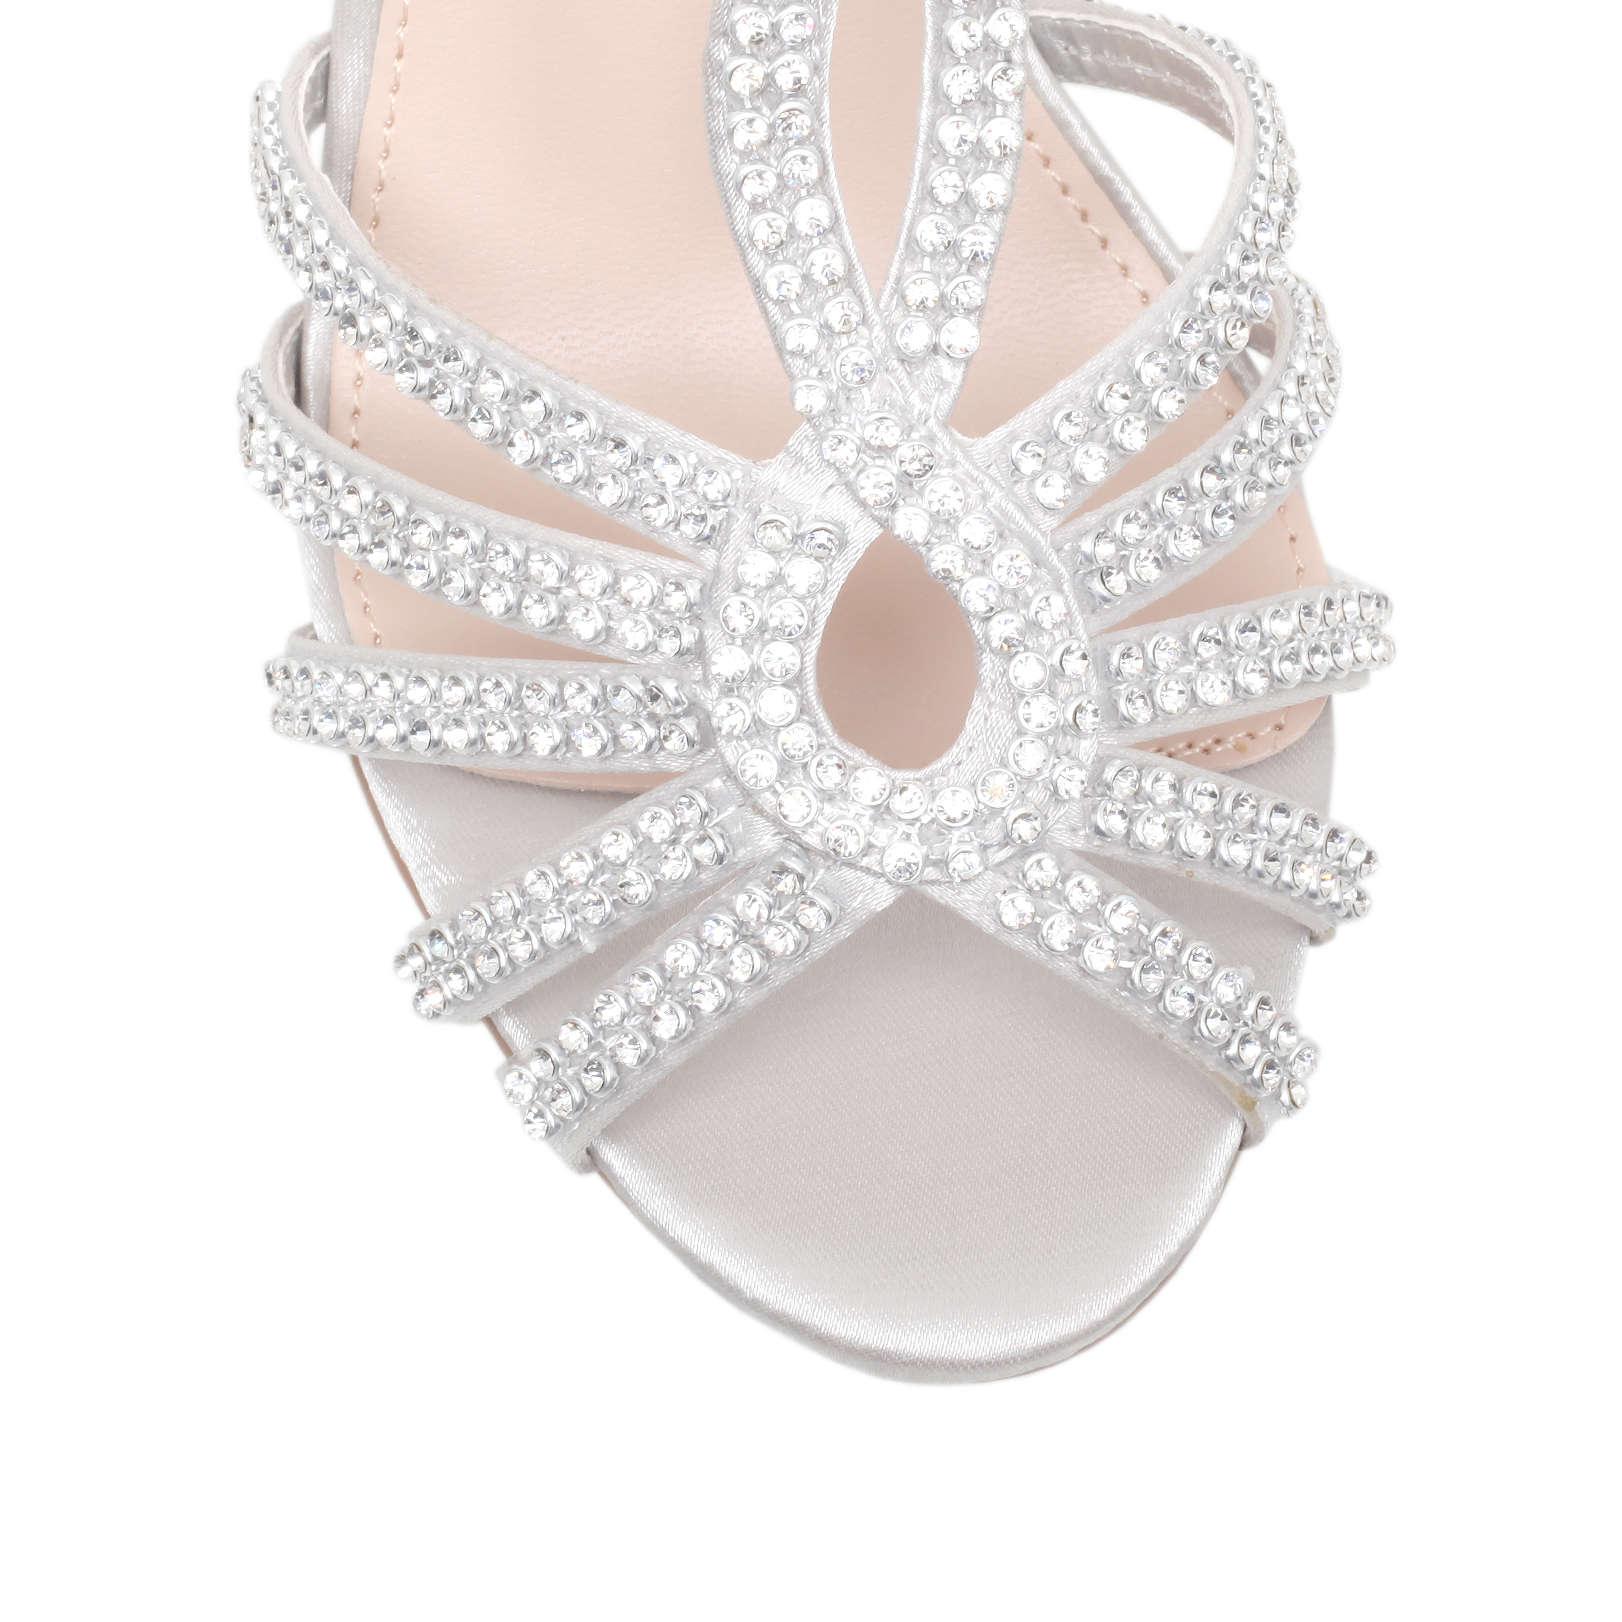 ff789de11858d9 PEPPER Miss KG Pepper Silver Satin High Heel Sandals by MISS KG